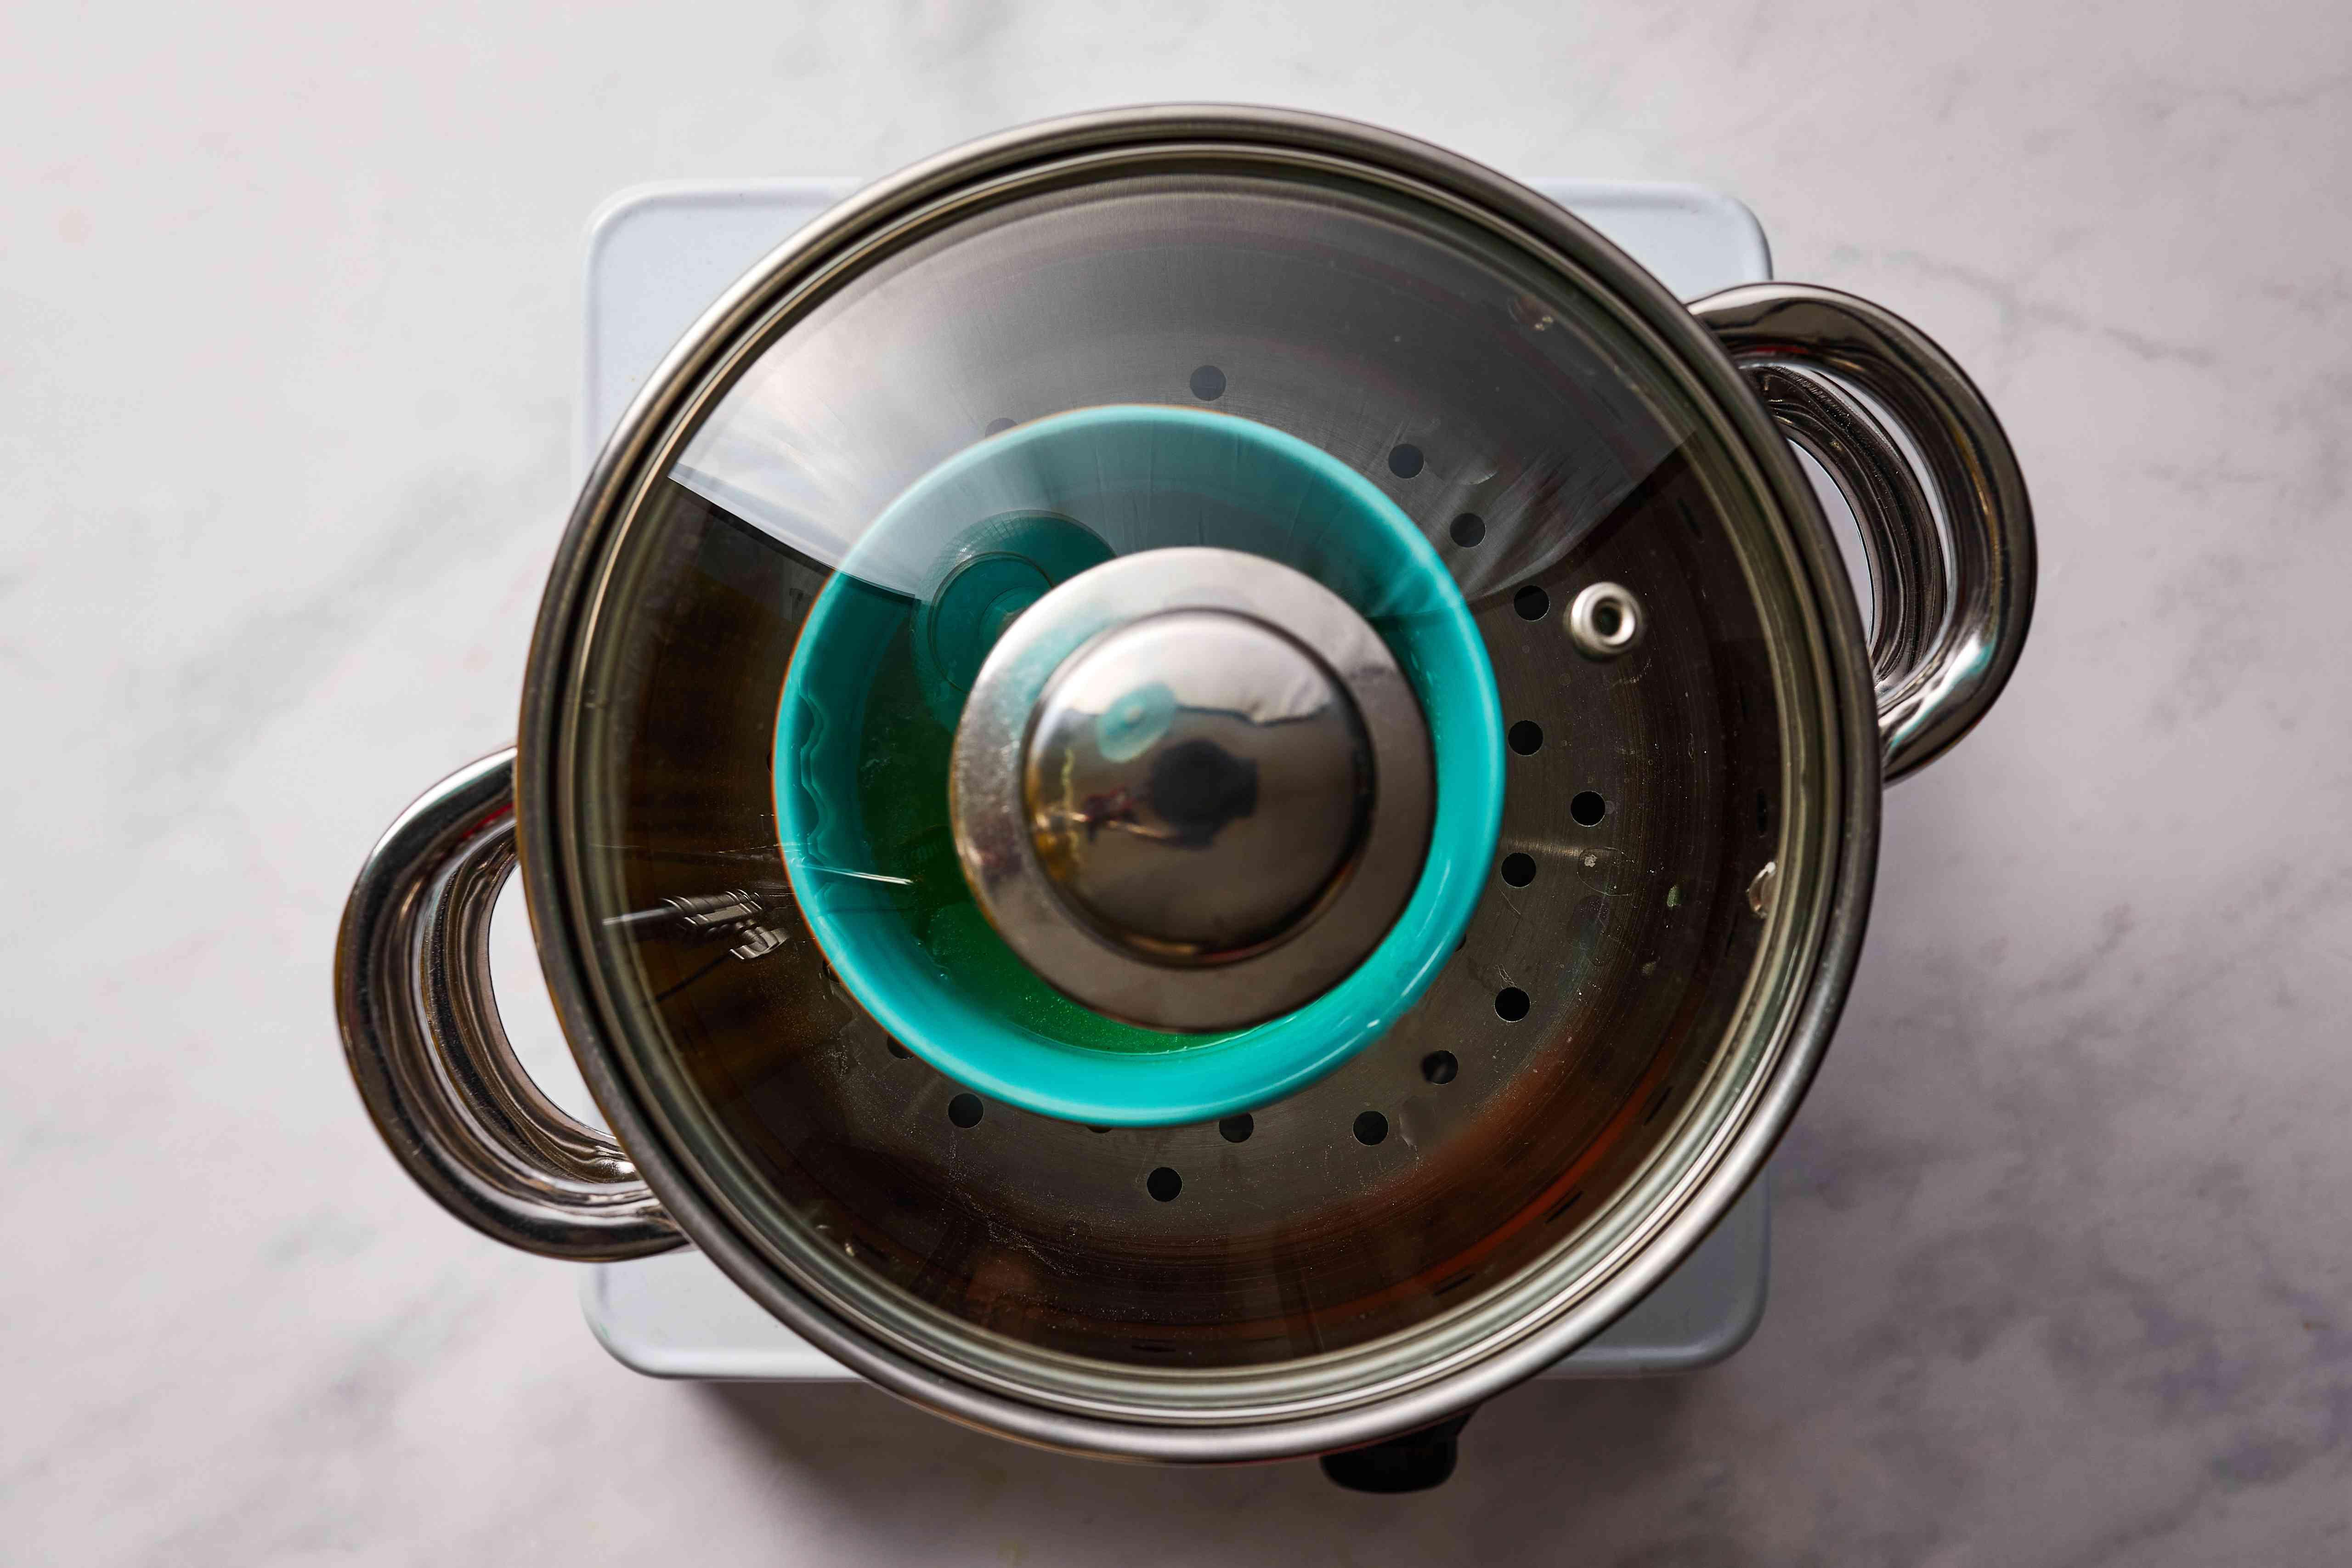 green mixture in a ramekin in a steamer